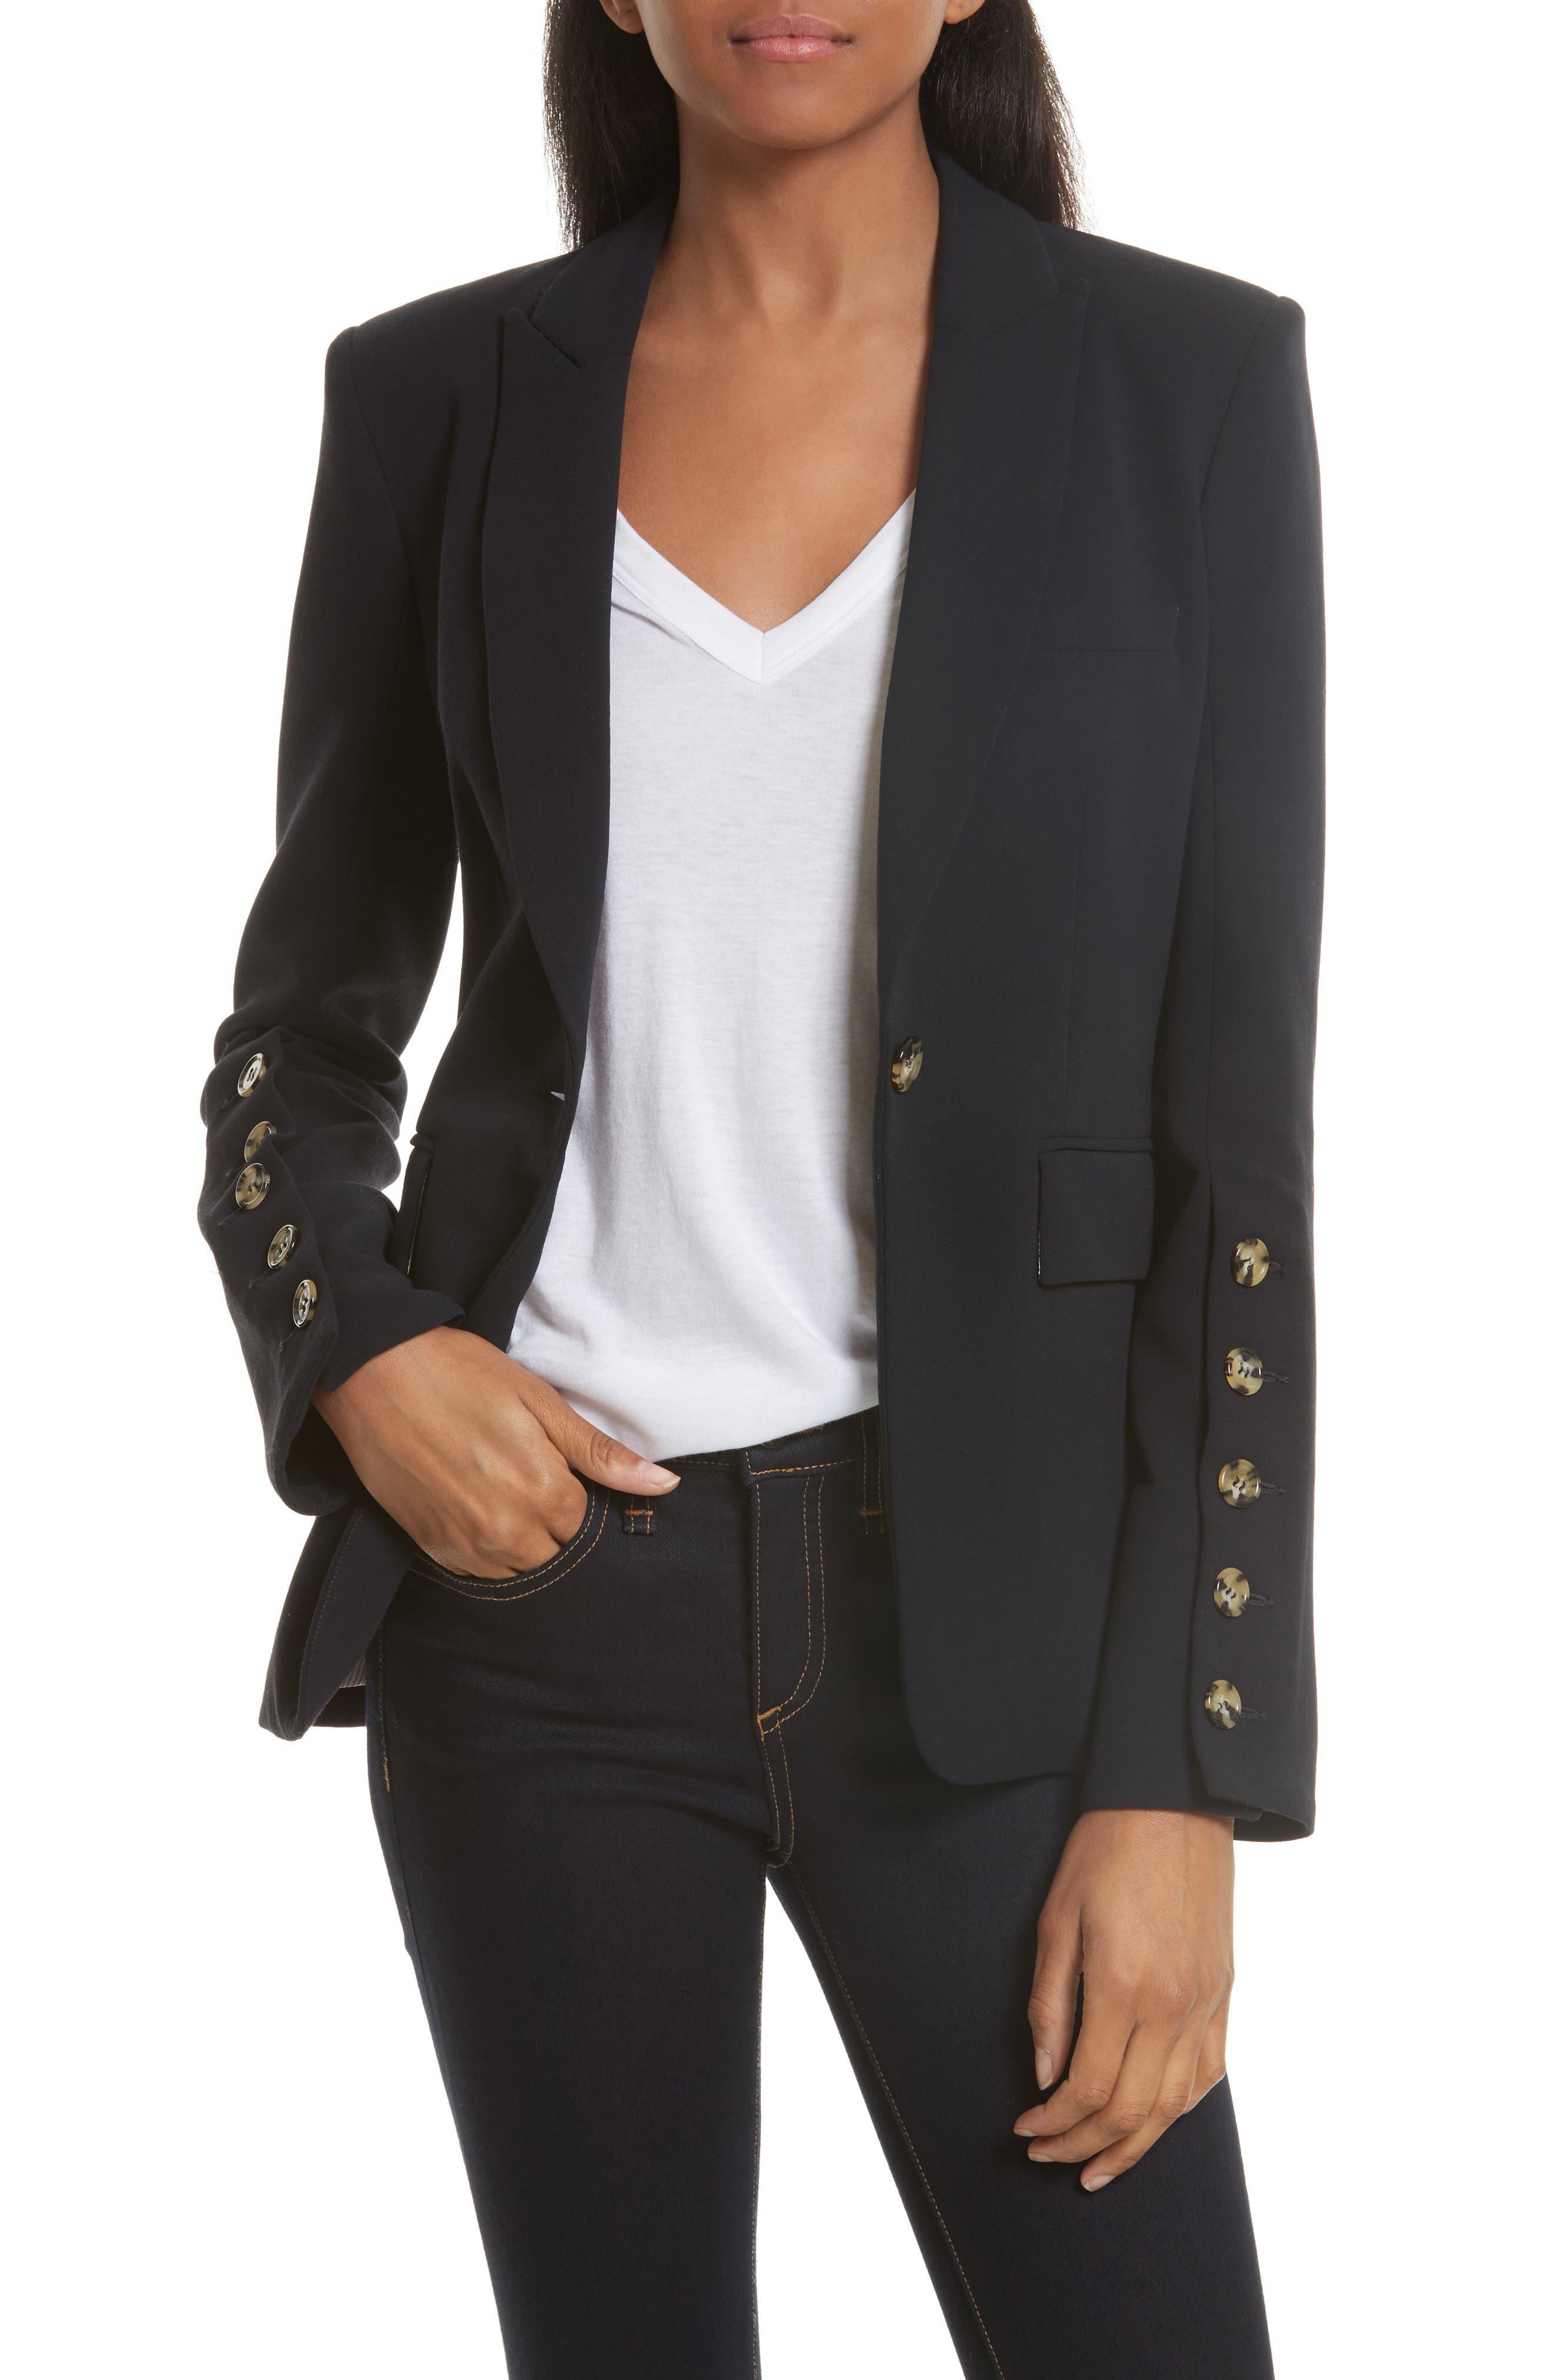 Alternate Image 1 Selected - Veronica Beard Steele Cutaway Jacket